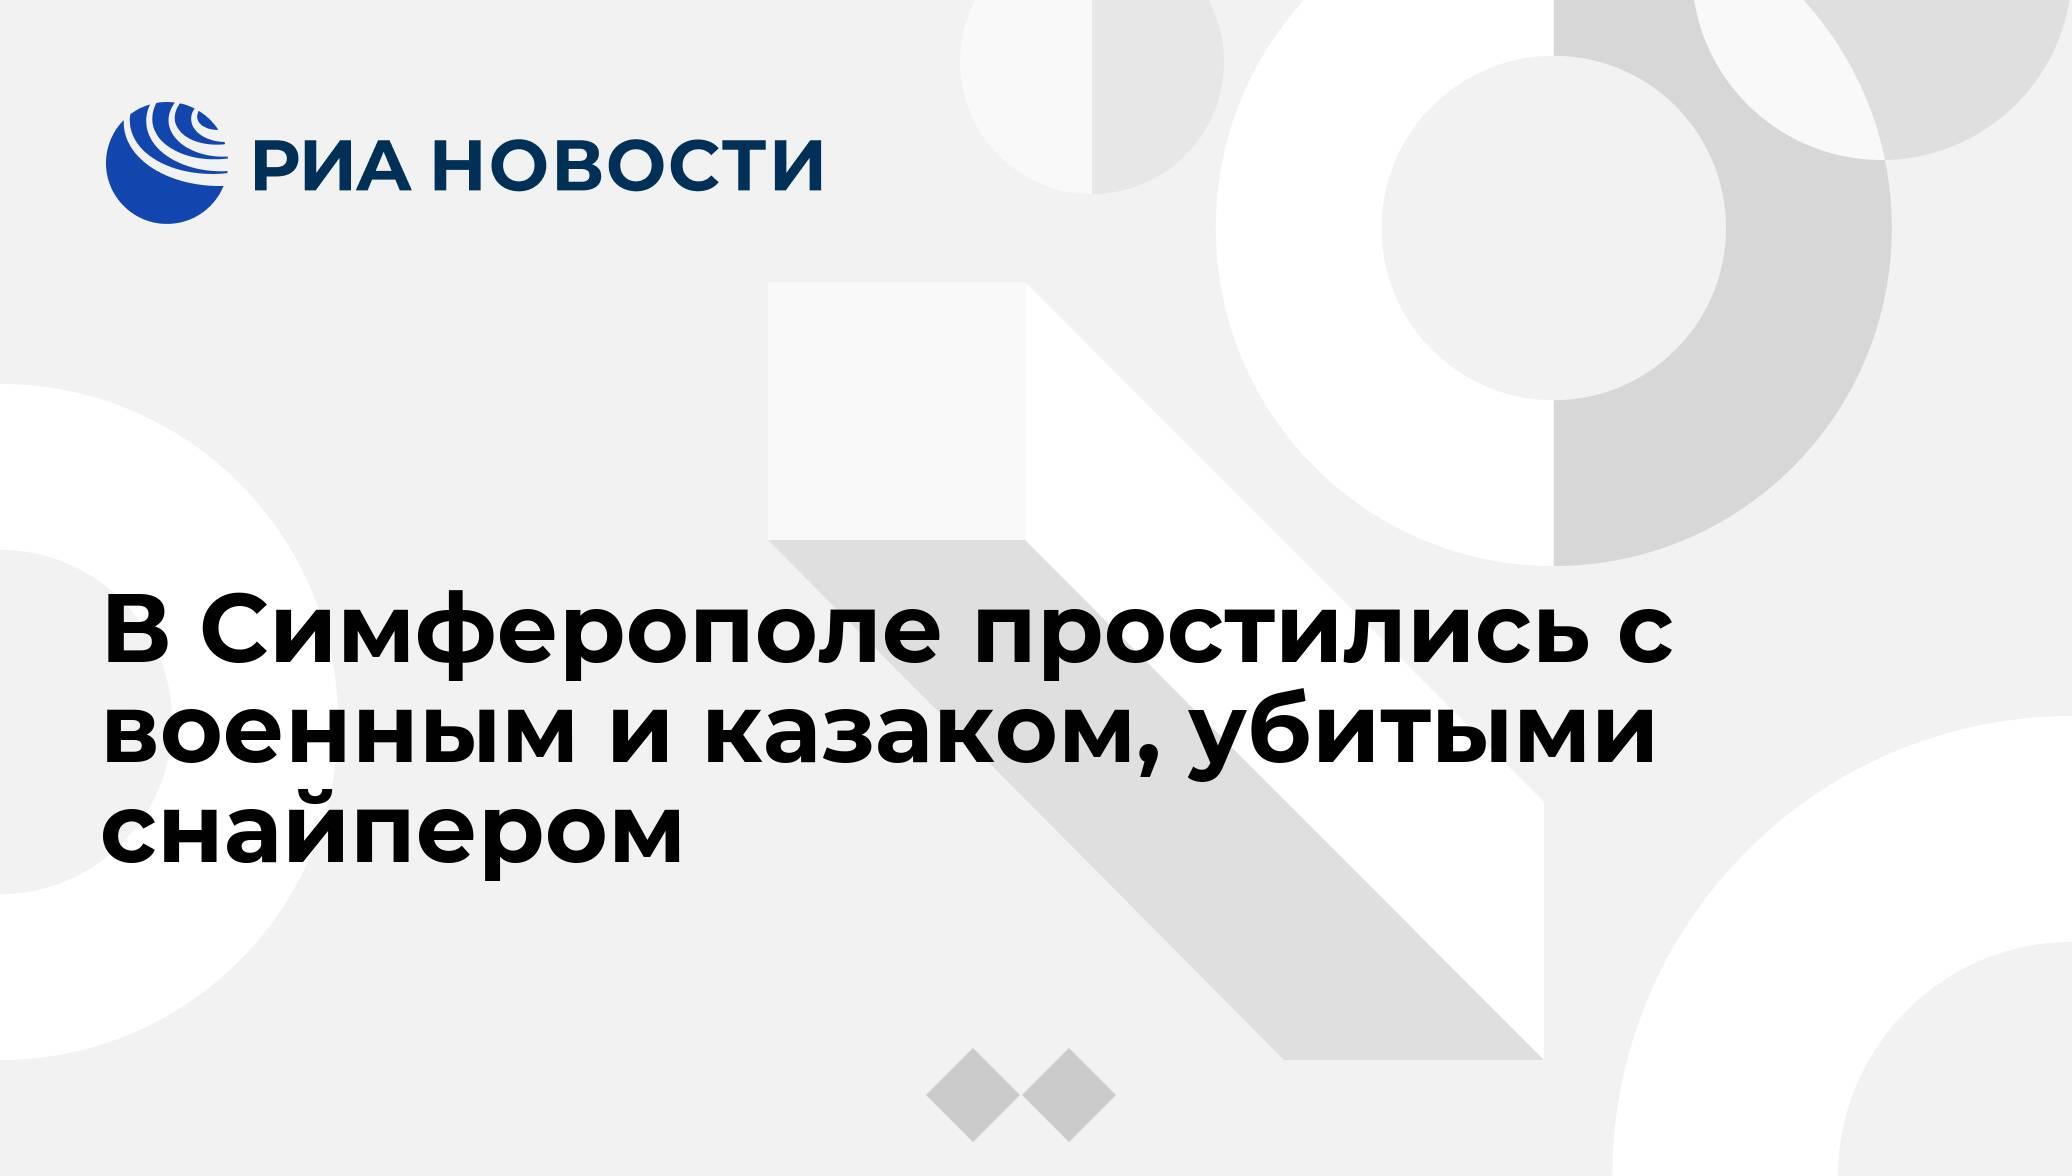 В Симферополе простились с военным и казаком, убитыми снайпером